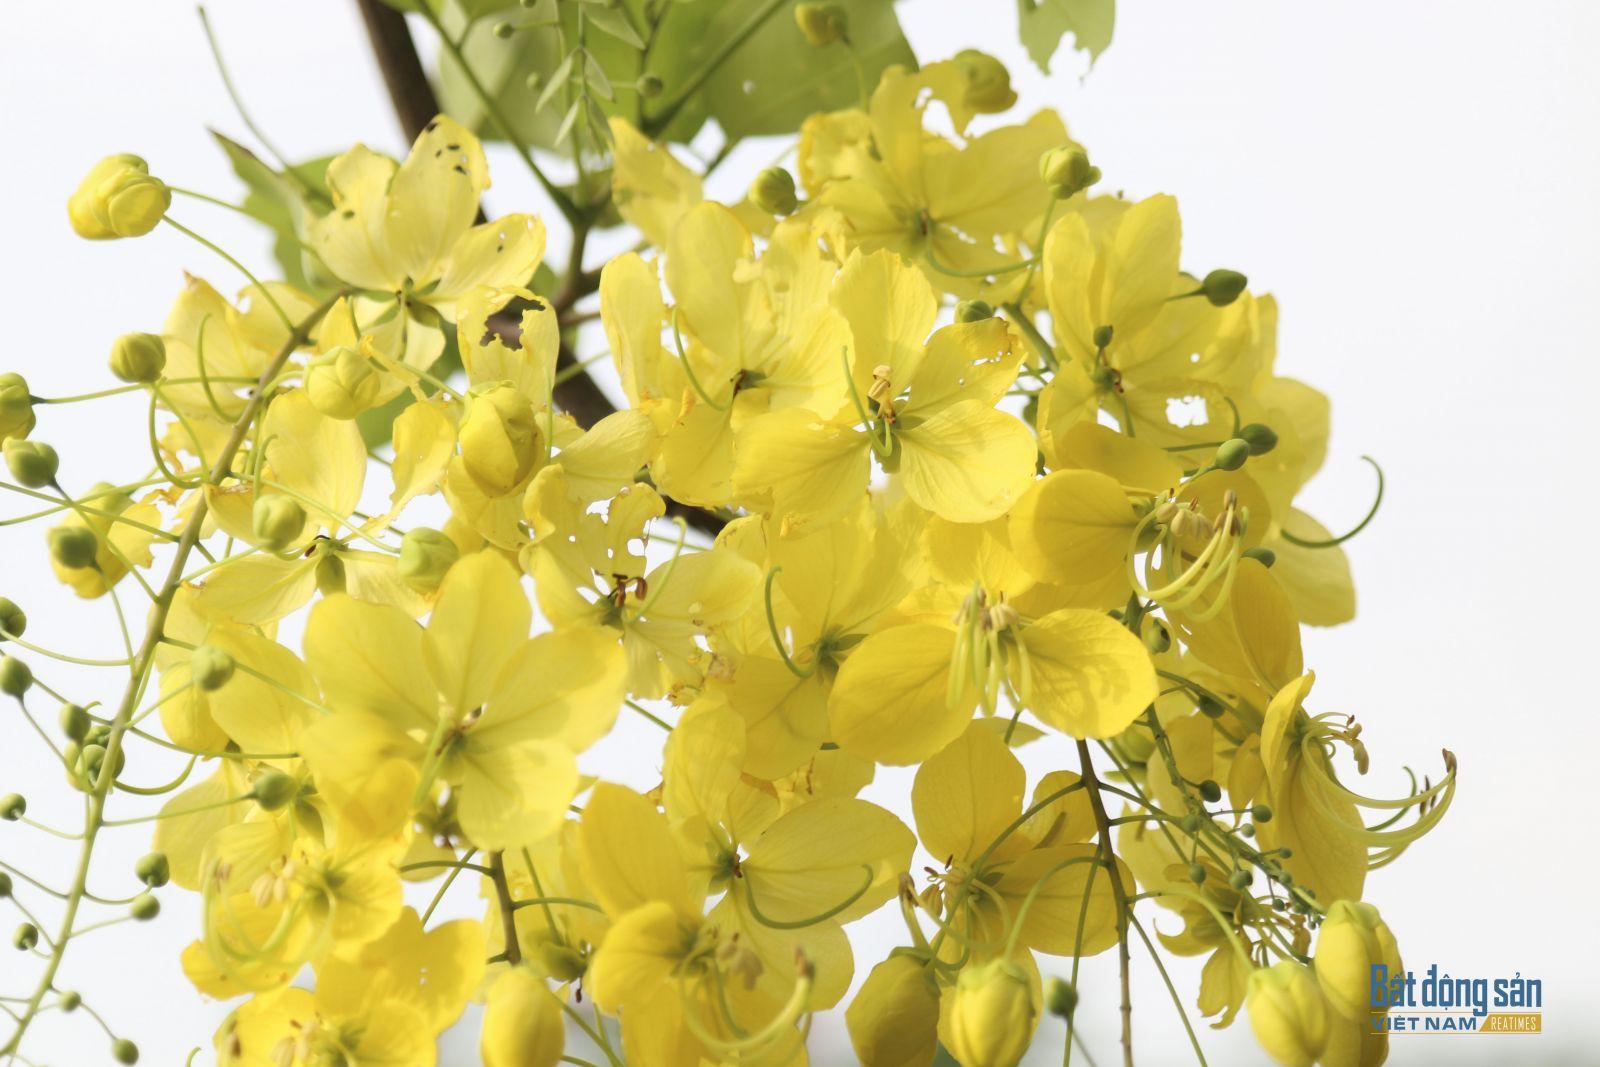 Mỗi bông hoa muồng hoàng yến có 5 cánh, mềm, mỏng rất đỗi dịu dàng. Hoa thường nở thành từng chùm lớn, rủ xuống dài khoảng 20 - 40 cm.